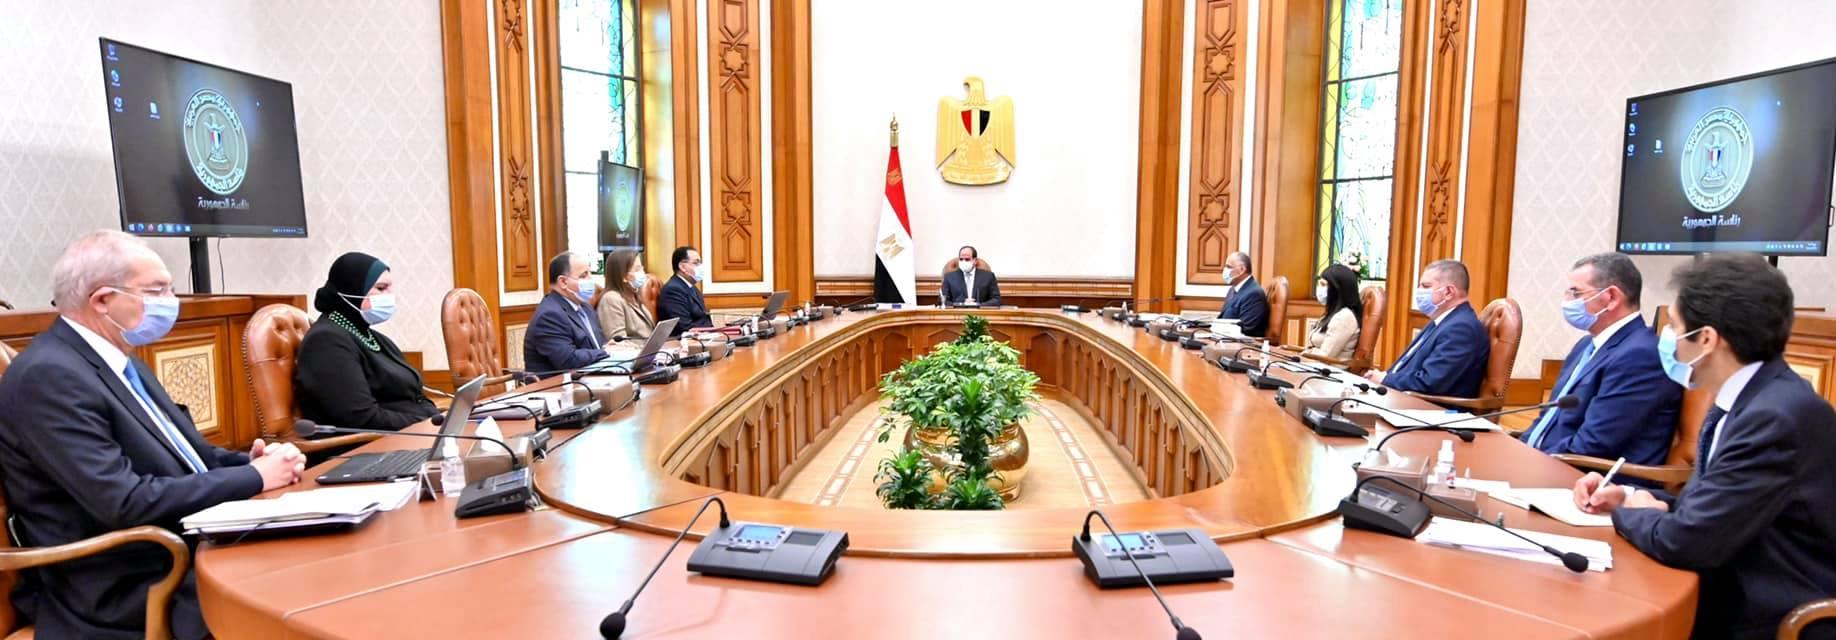 الرئيس السيسي يتابع الأهداف الإستراتيجية للمنطقة الاقتصادية لقناة السويس